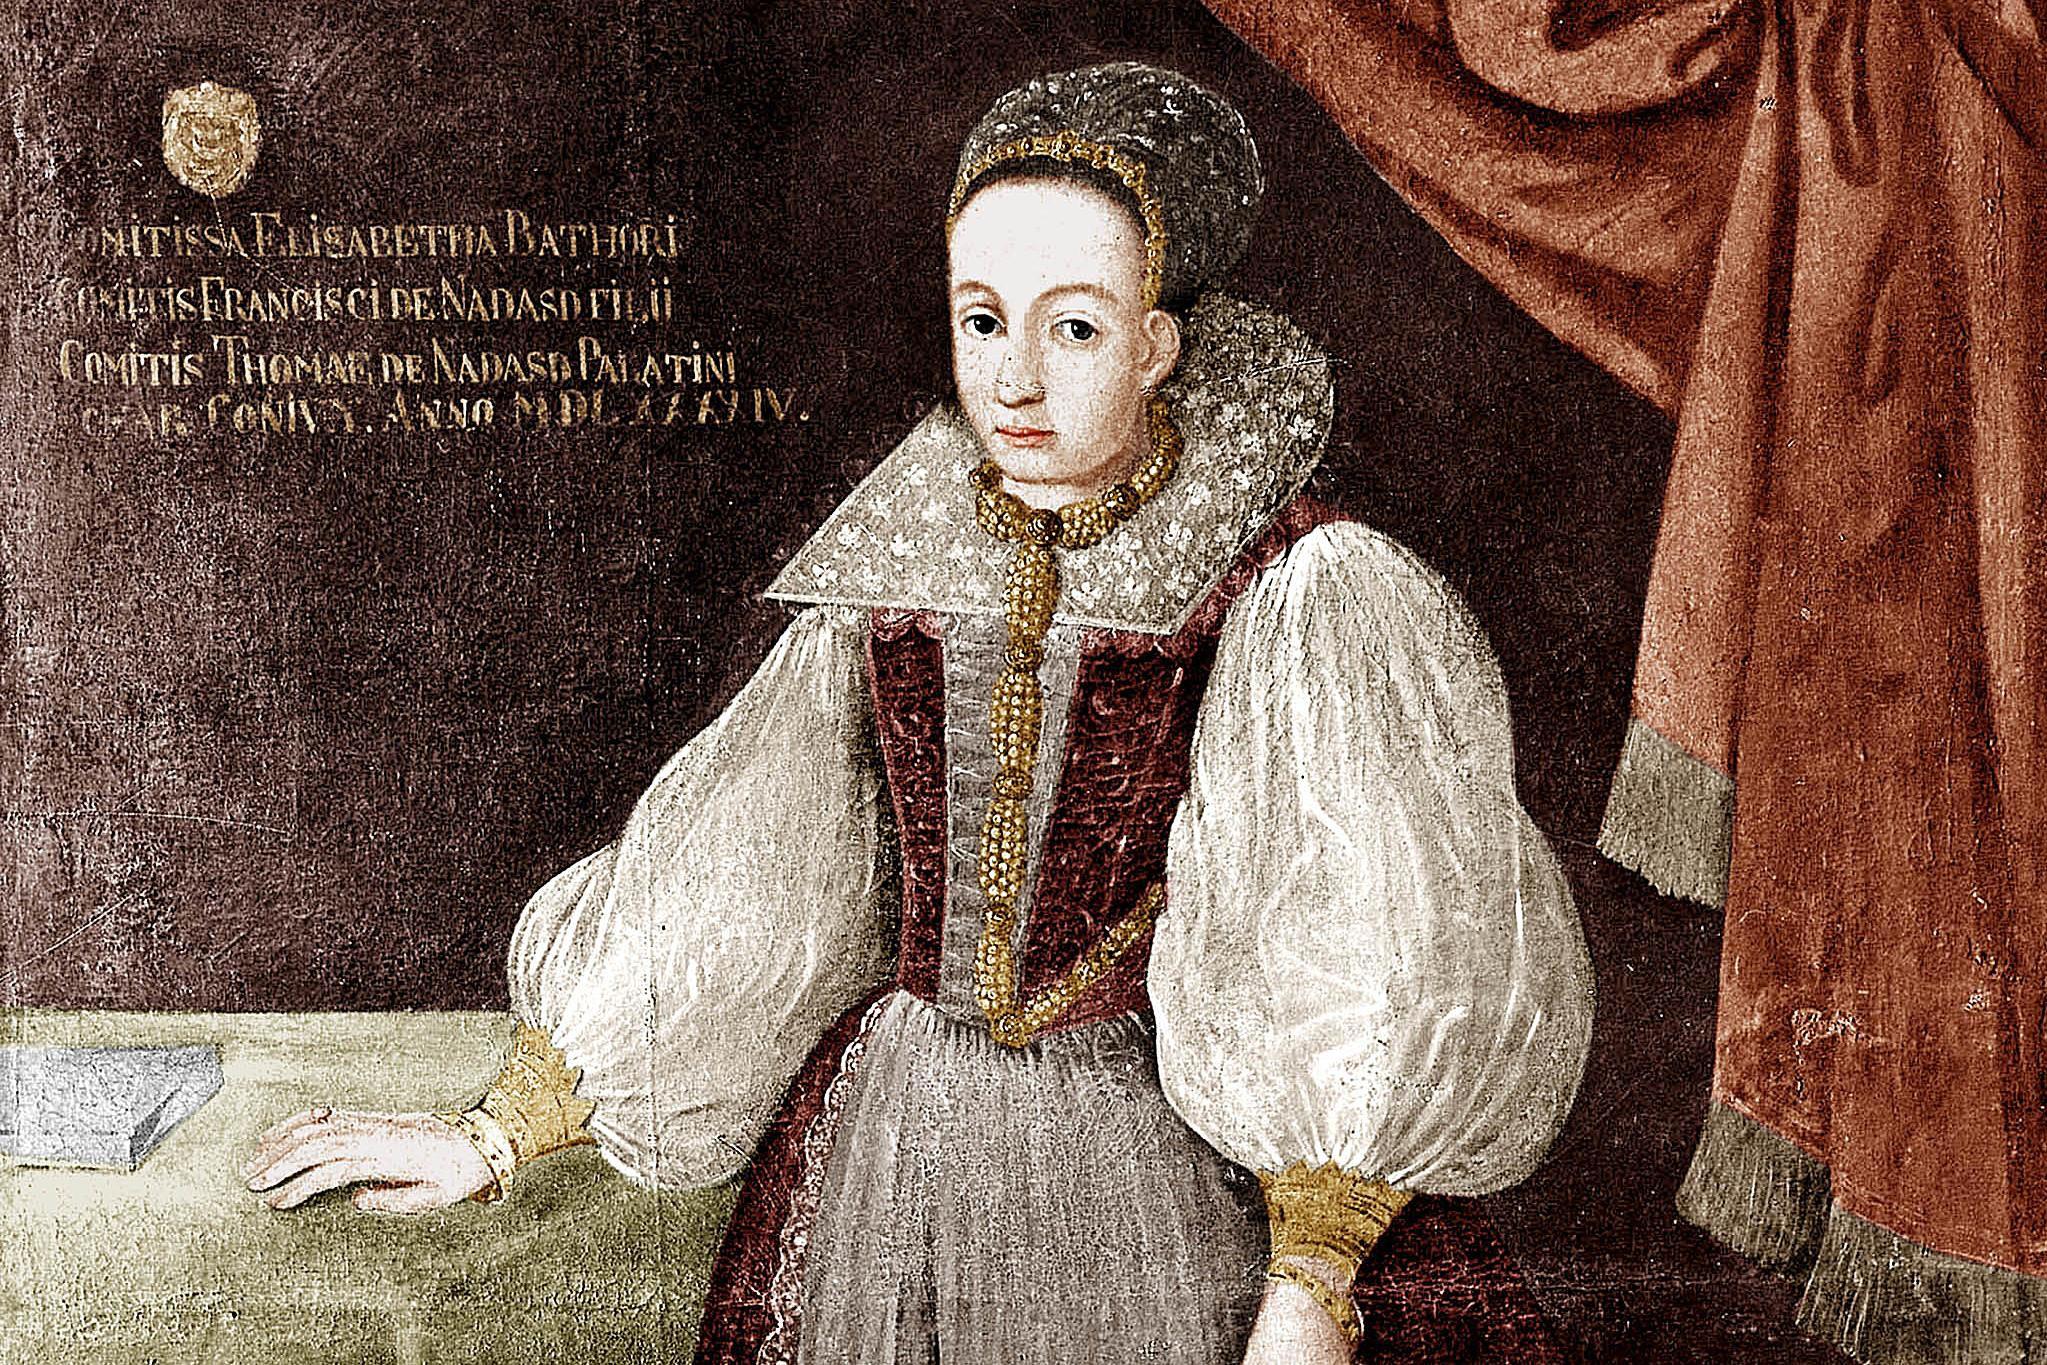 Elizabeth Bathory, Countess of Transylvania